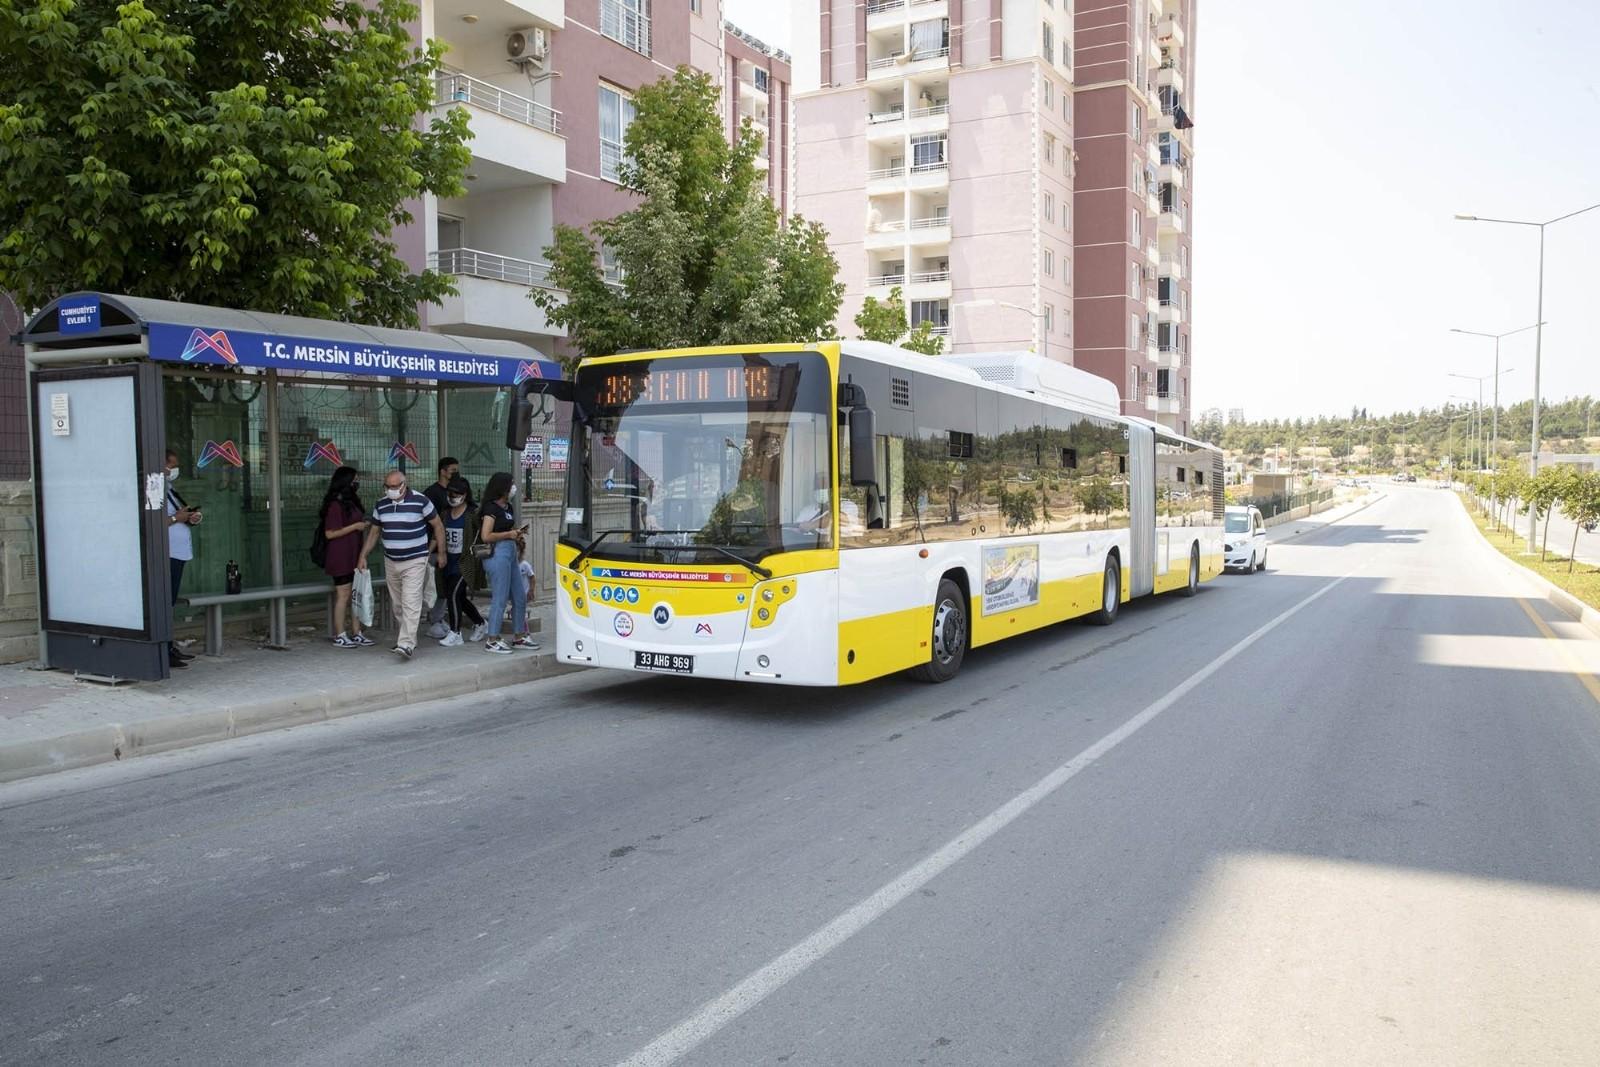 Büyükşehir Belediyesinden 65 yaş üzeri ve 18 yaş altı vatandaşlara 'toplu taşıma' çağrısı